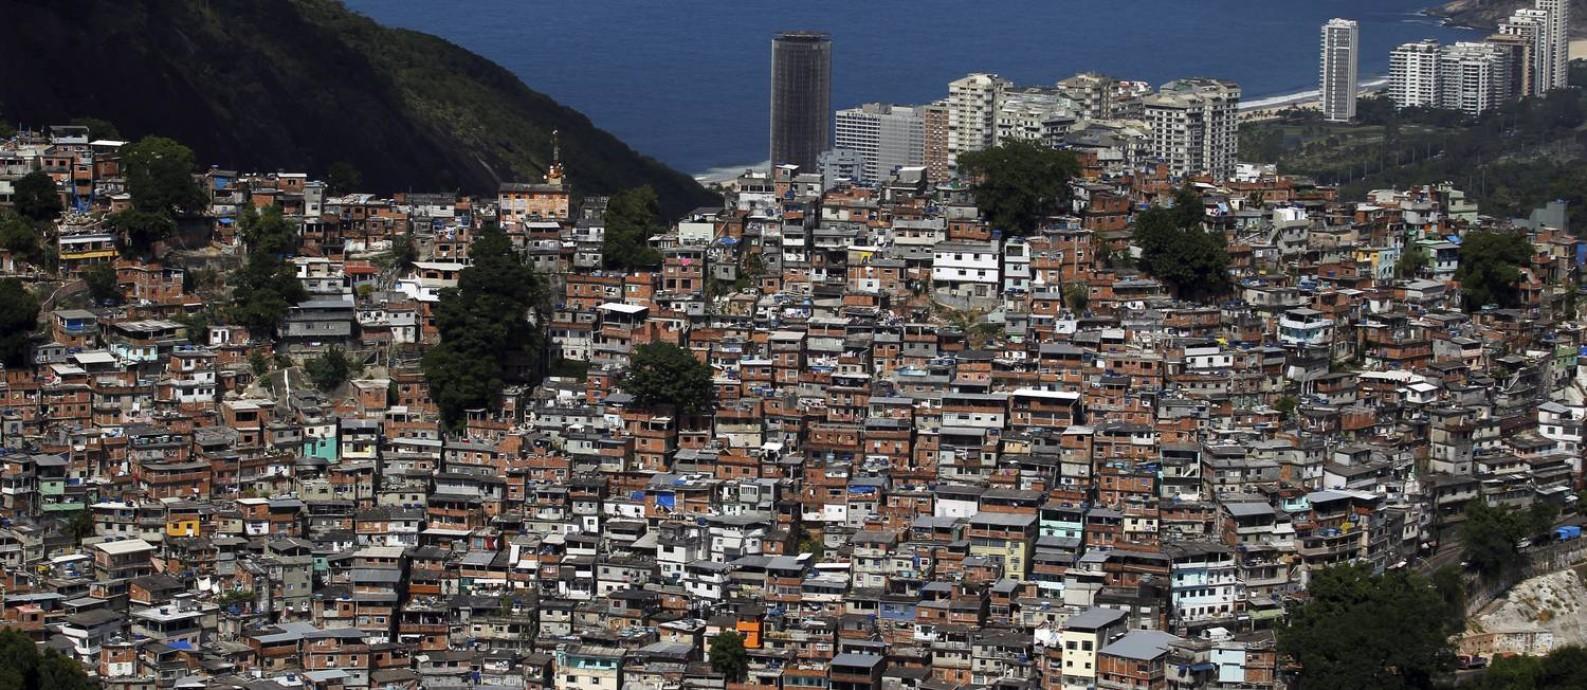 Multidão excluída. A Rocinha, uma das maiores comunidades da América Latina, aparece no mapa apenas com algumas ruas, cercadas por áreas verdes. A revista da Riotur, no entanto, tem ofertas de passeios pelas favelas cariocas Foto: Custódio Coimbra / Agência O Globo